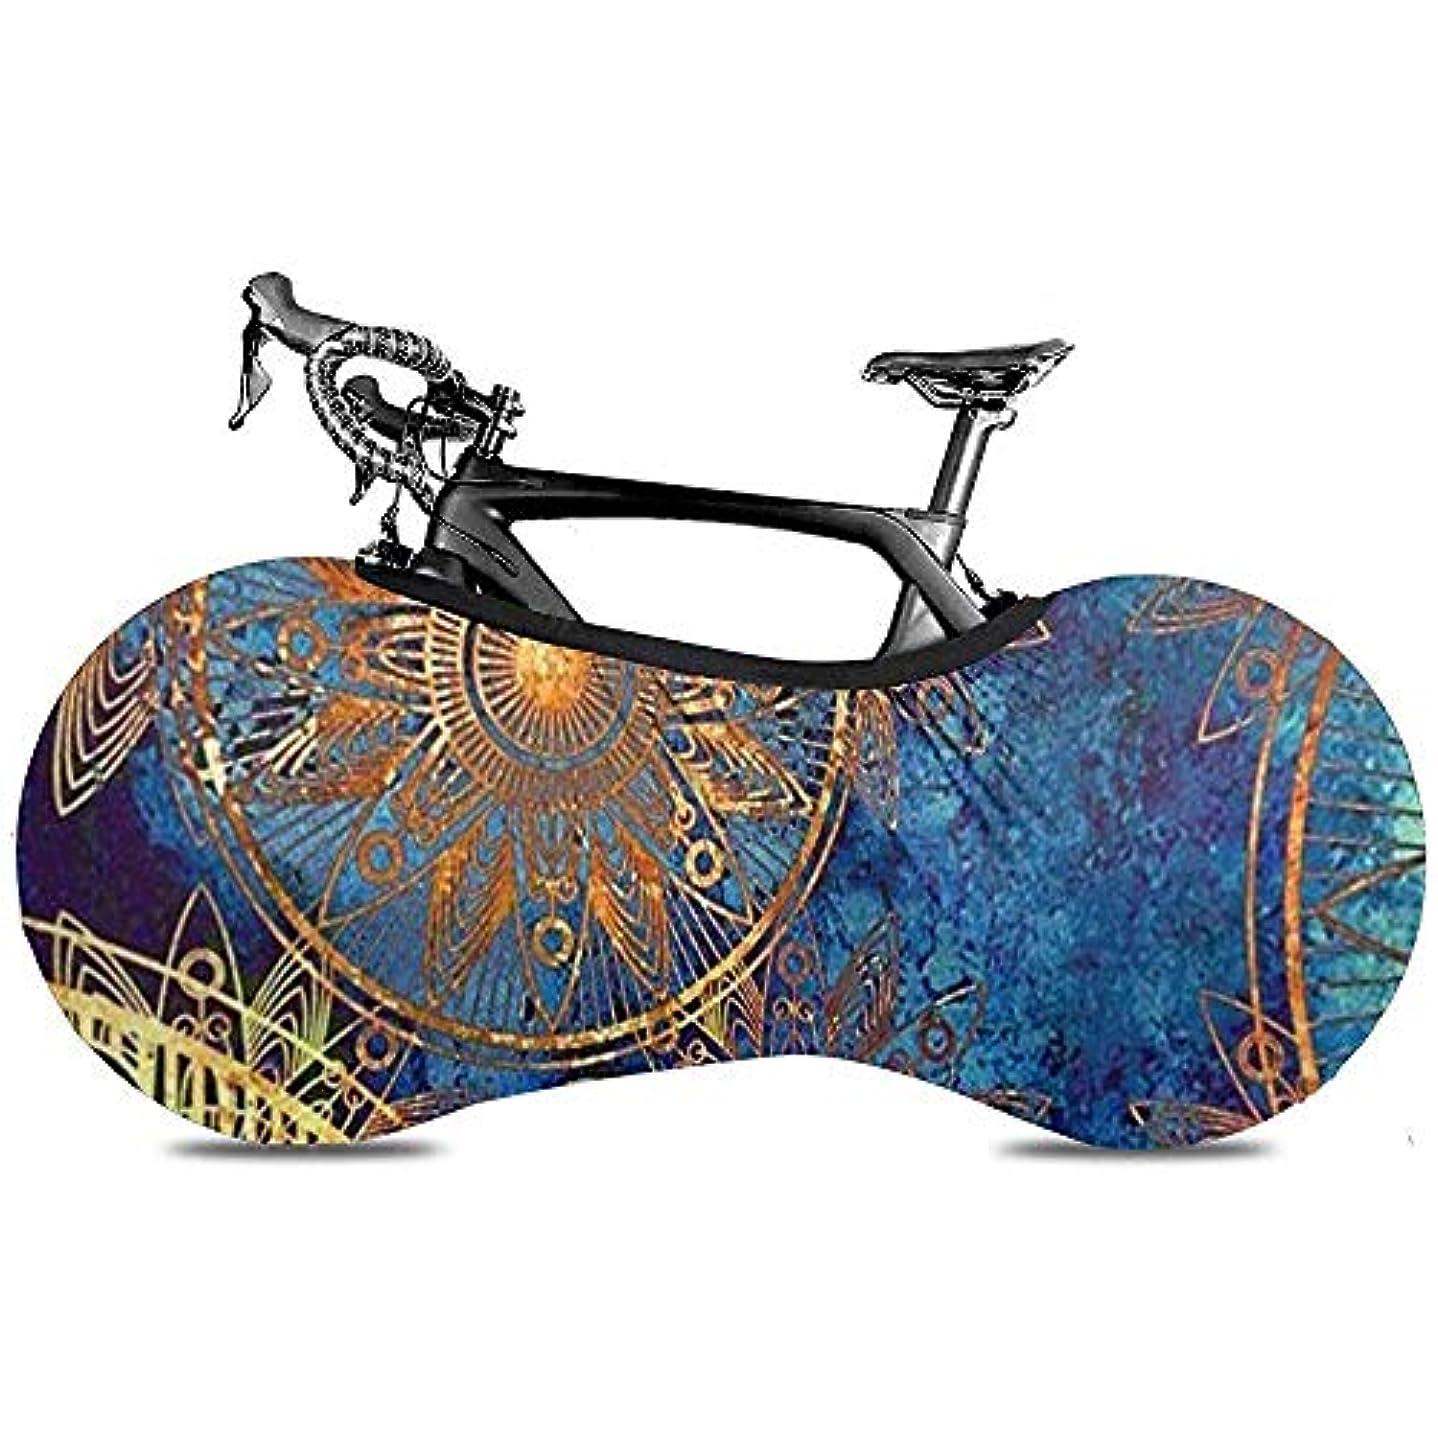 唇アカウント広々としたSweet-Heart自転車バイクカバービーチアイランドスカイクラウド(屋内保管用)-床と壁を汚れのない状態に保ちます